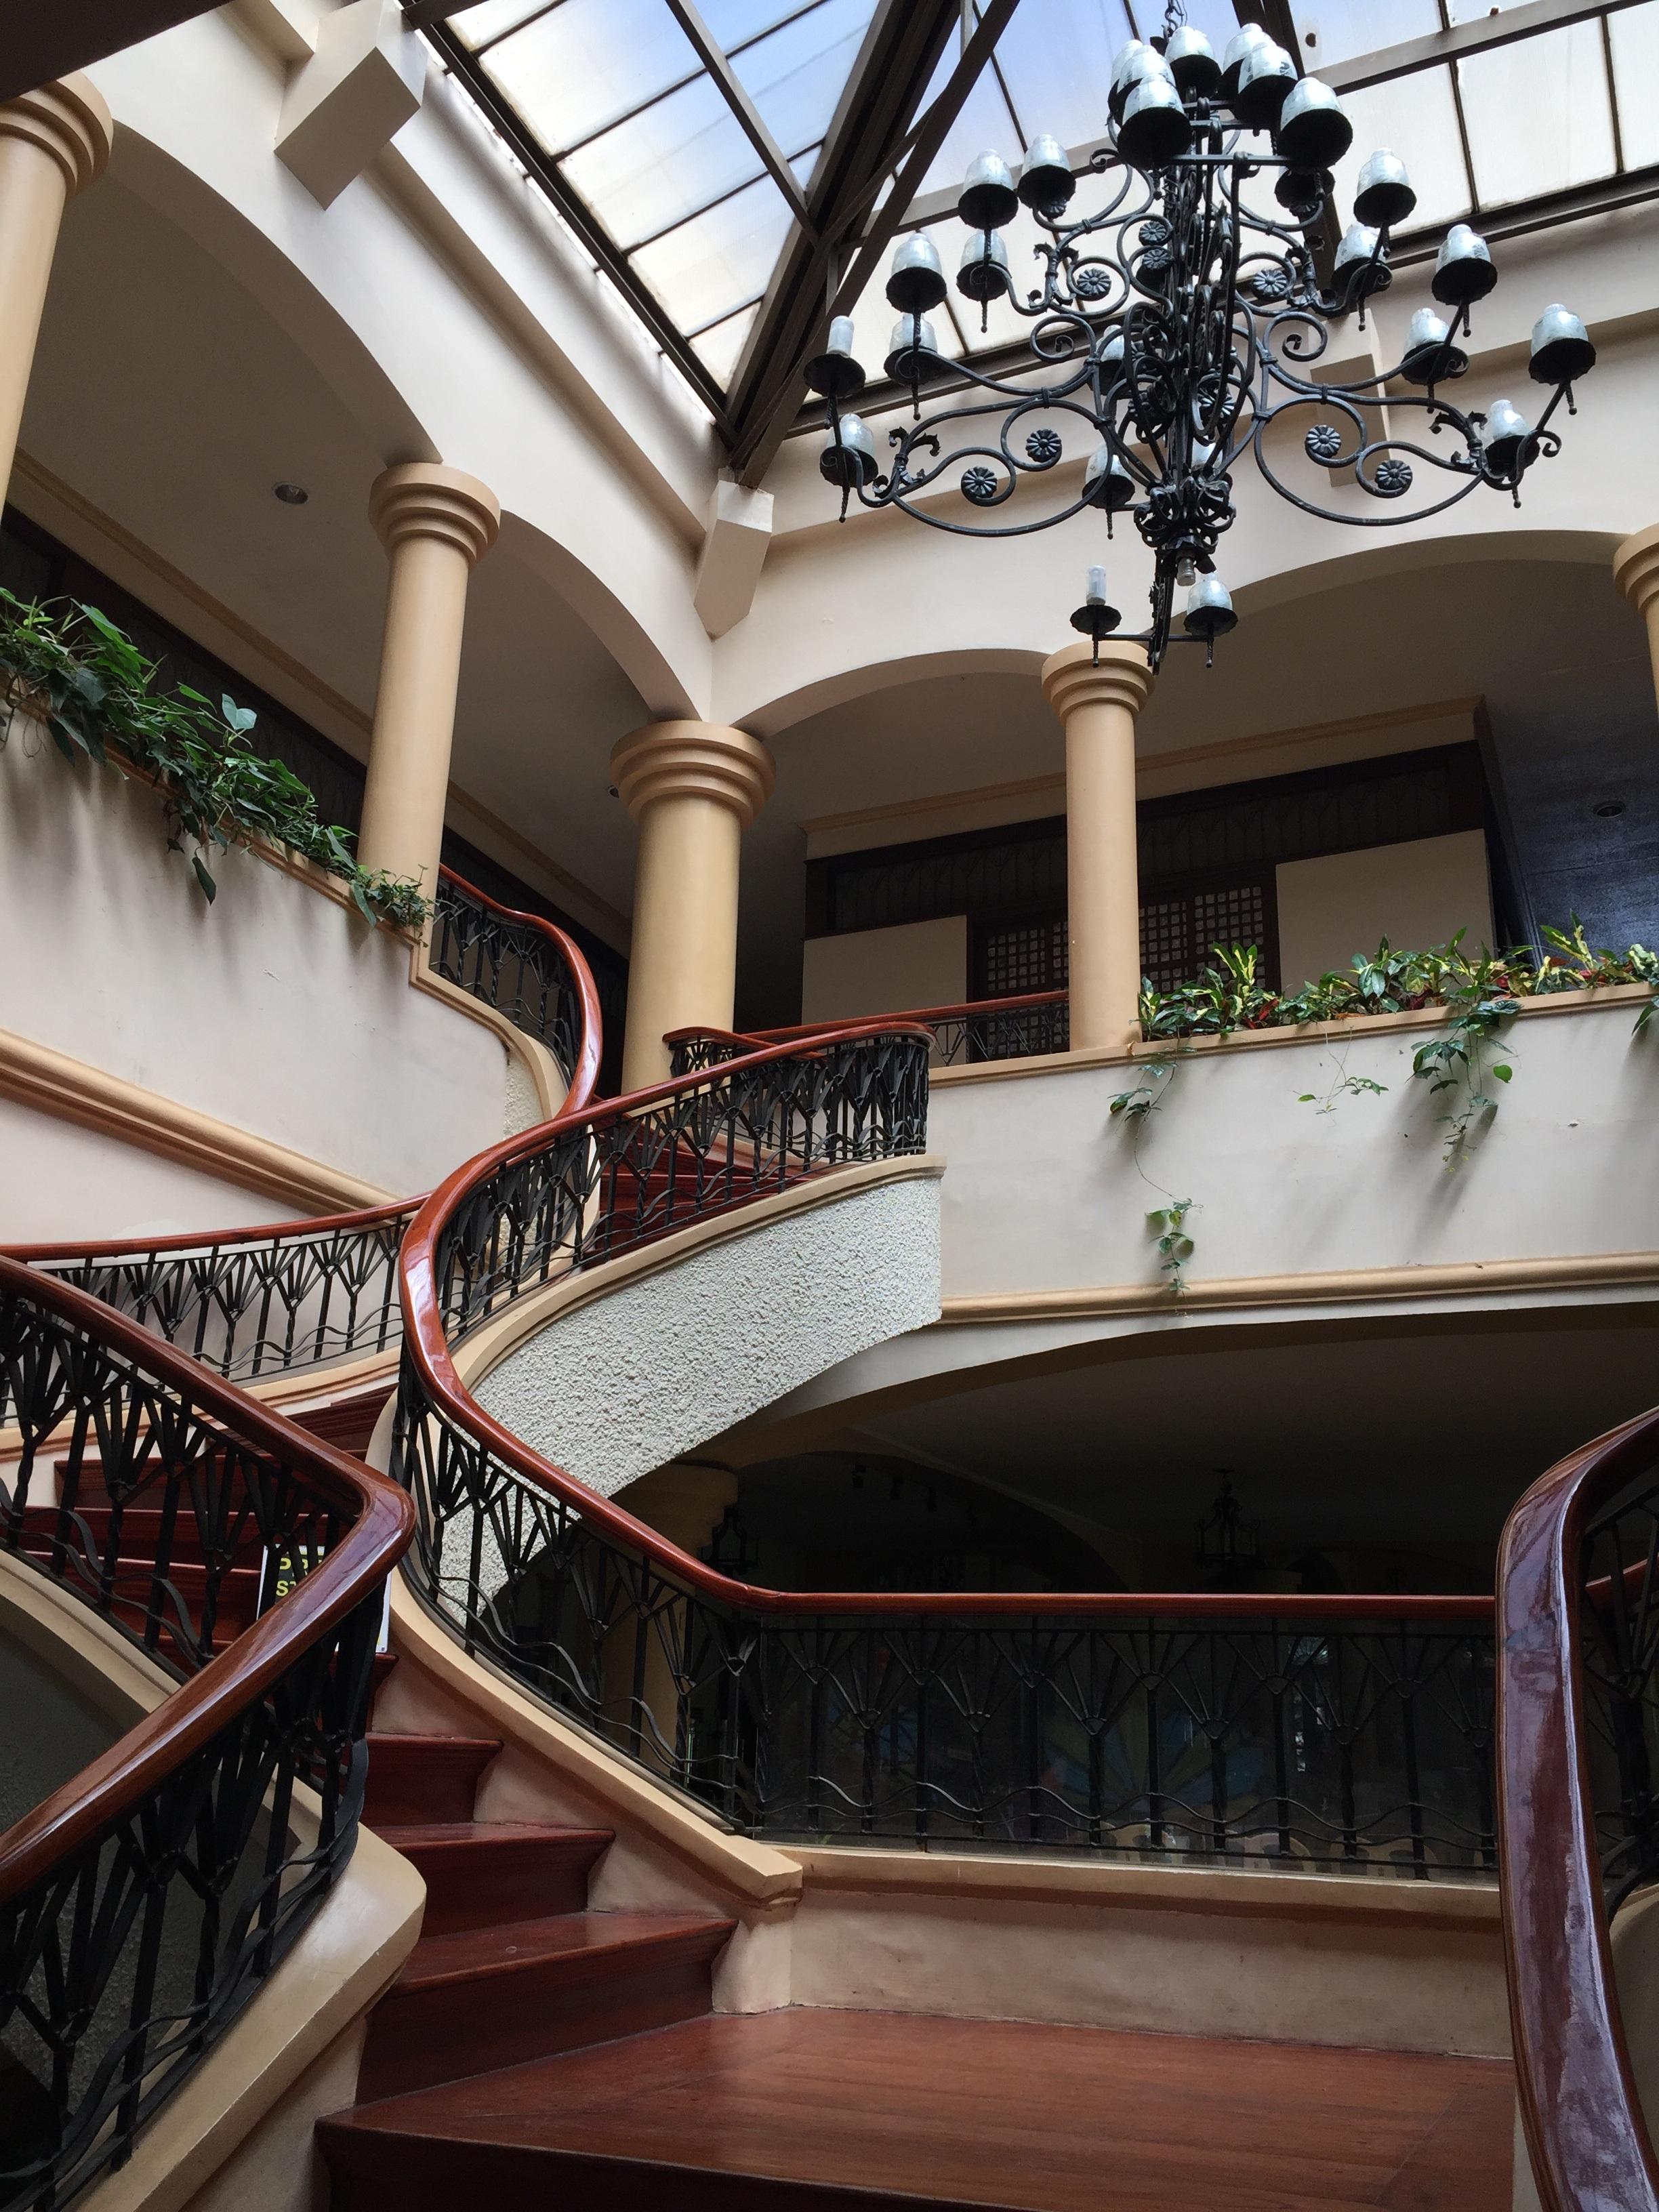 Images gratuites lumi re architecture manoir maison int rieur b timent restaurant vieux - Luminaire escalier maison ...